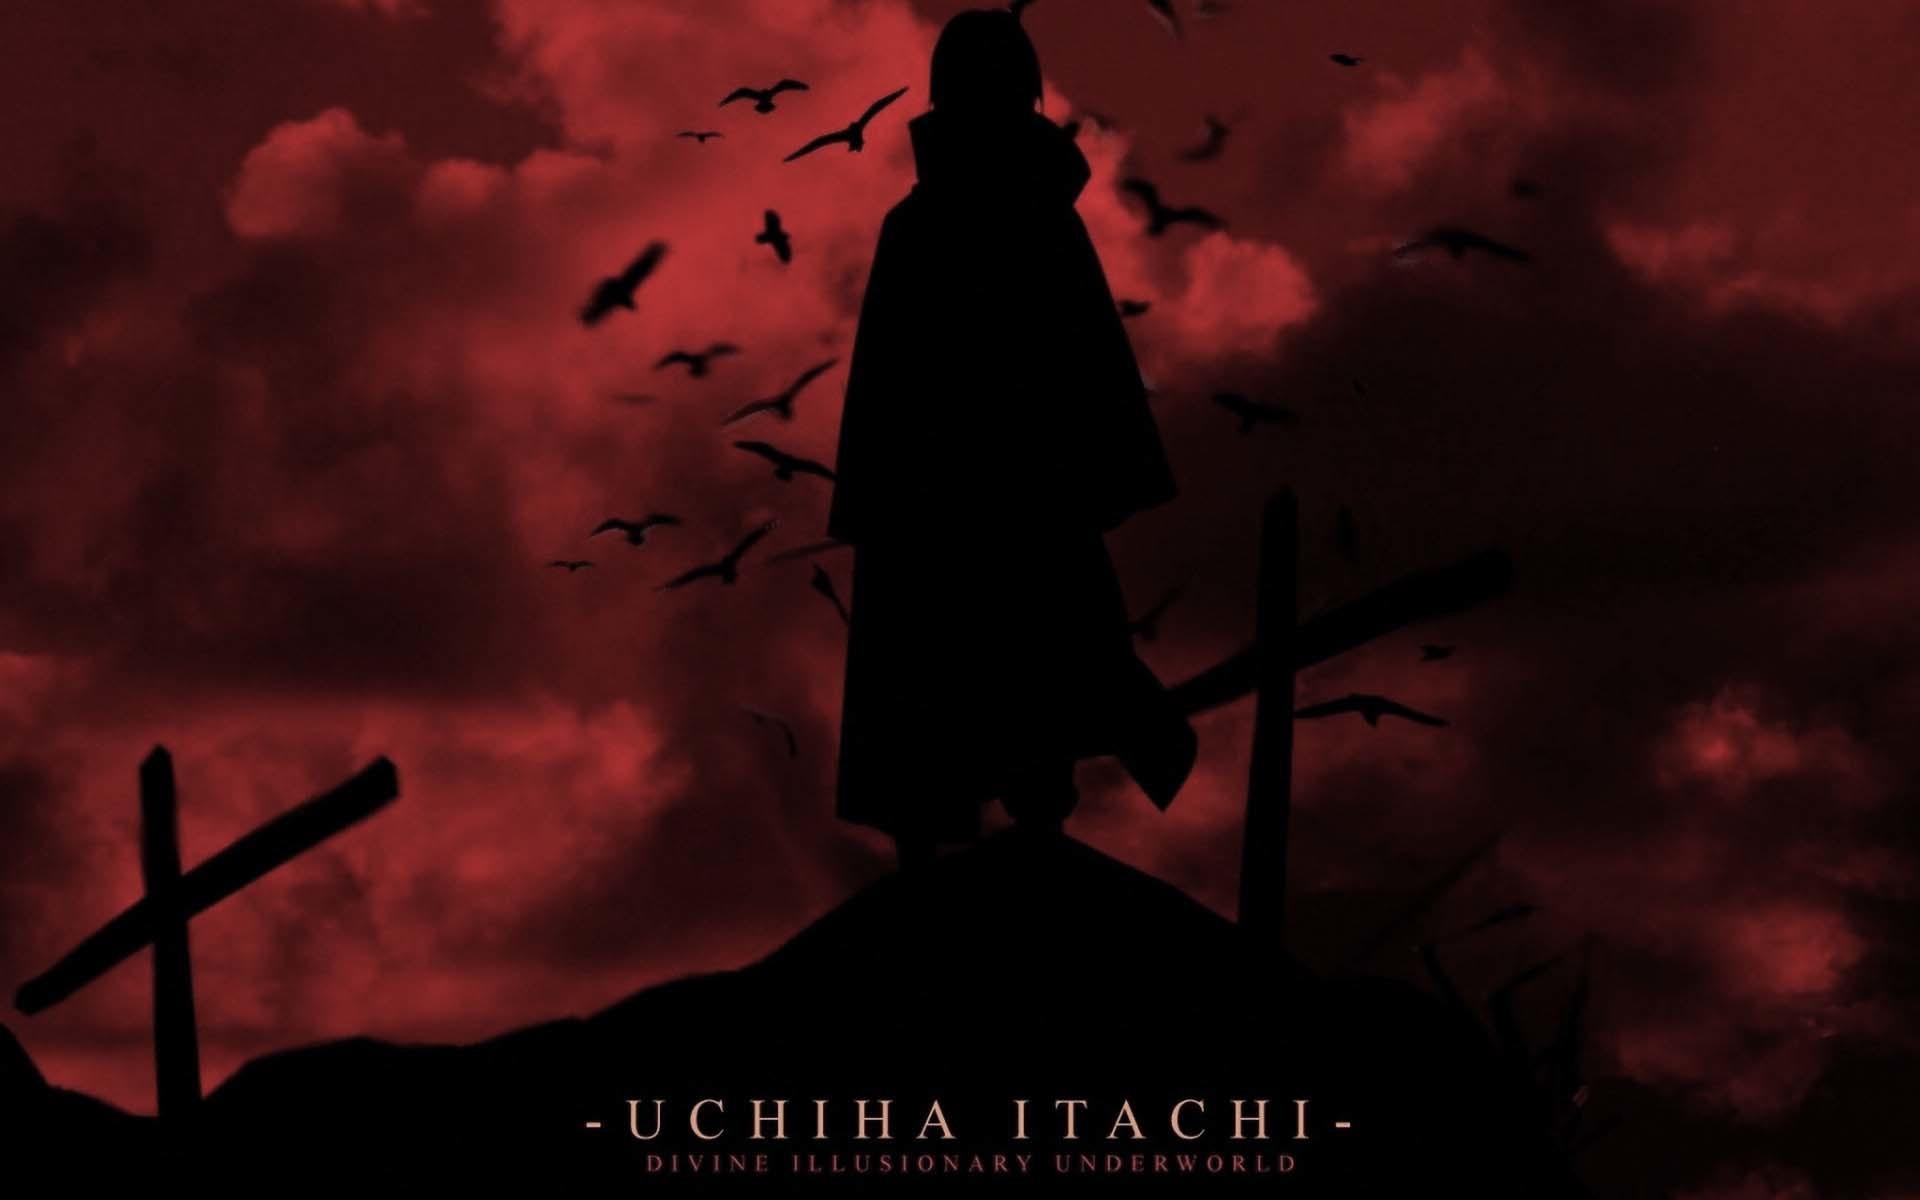 … Itachi Uchiha